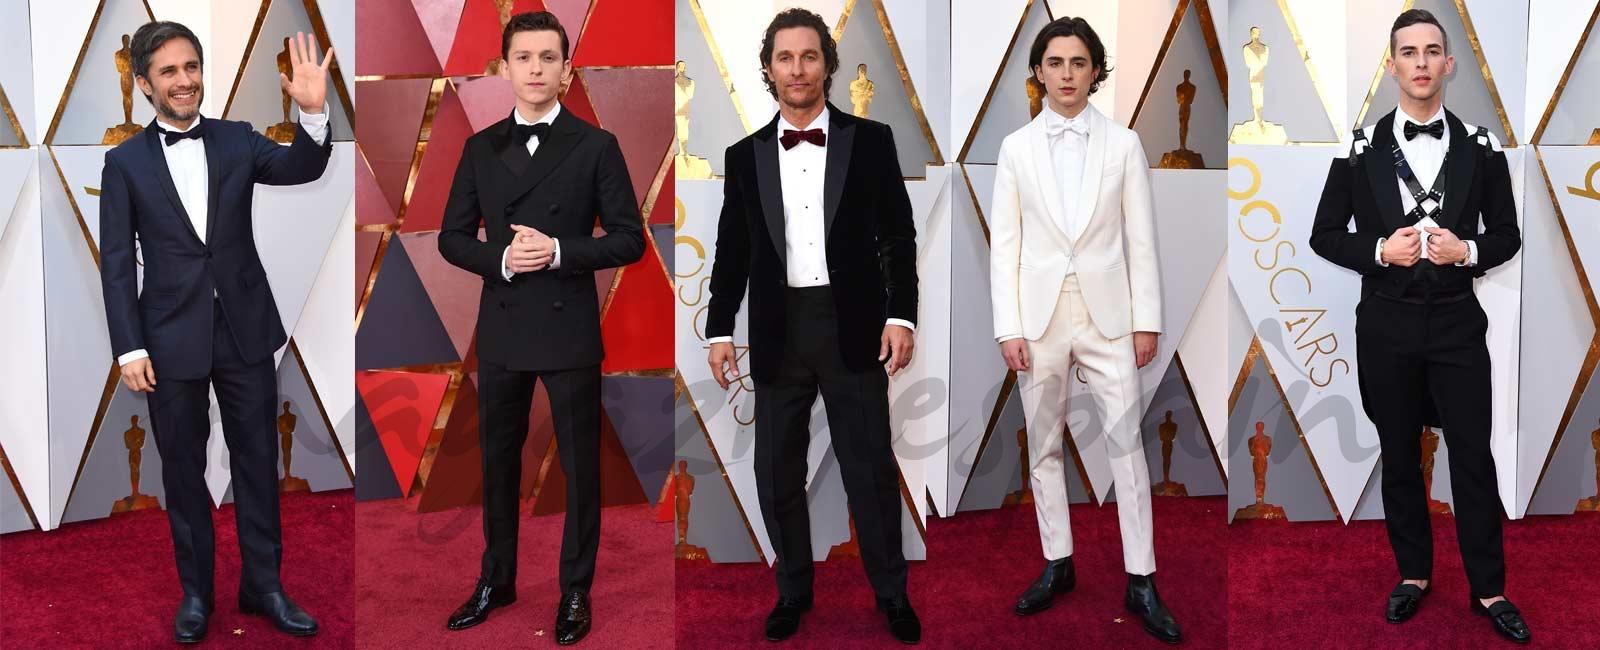 Clásicos, reivindicativos y originales… Ellos también marcan tendencia en la red carpet de los Oscars 2018